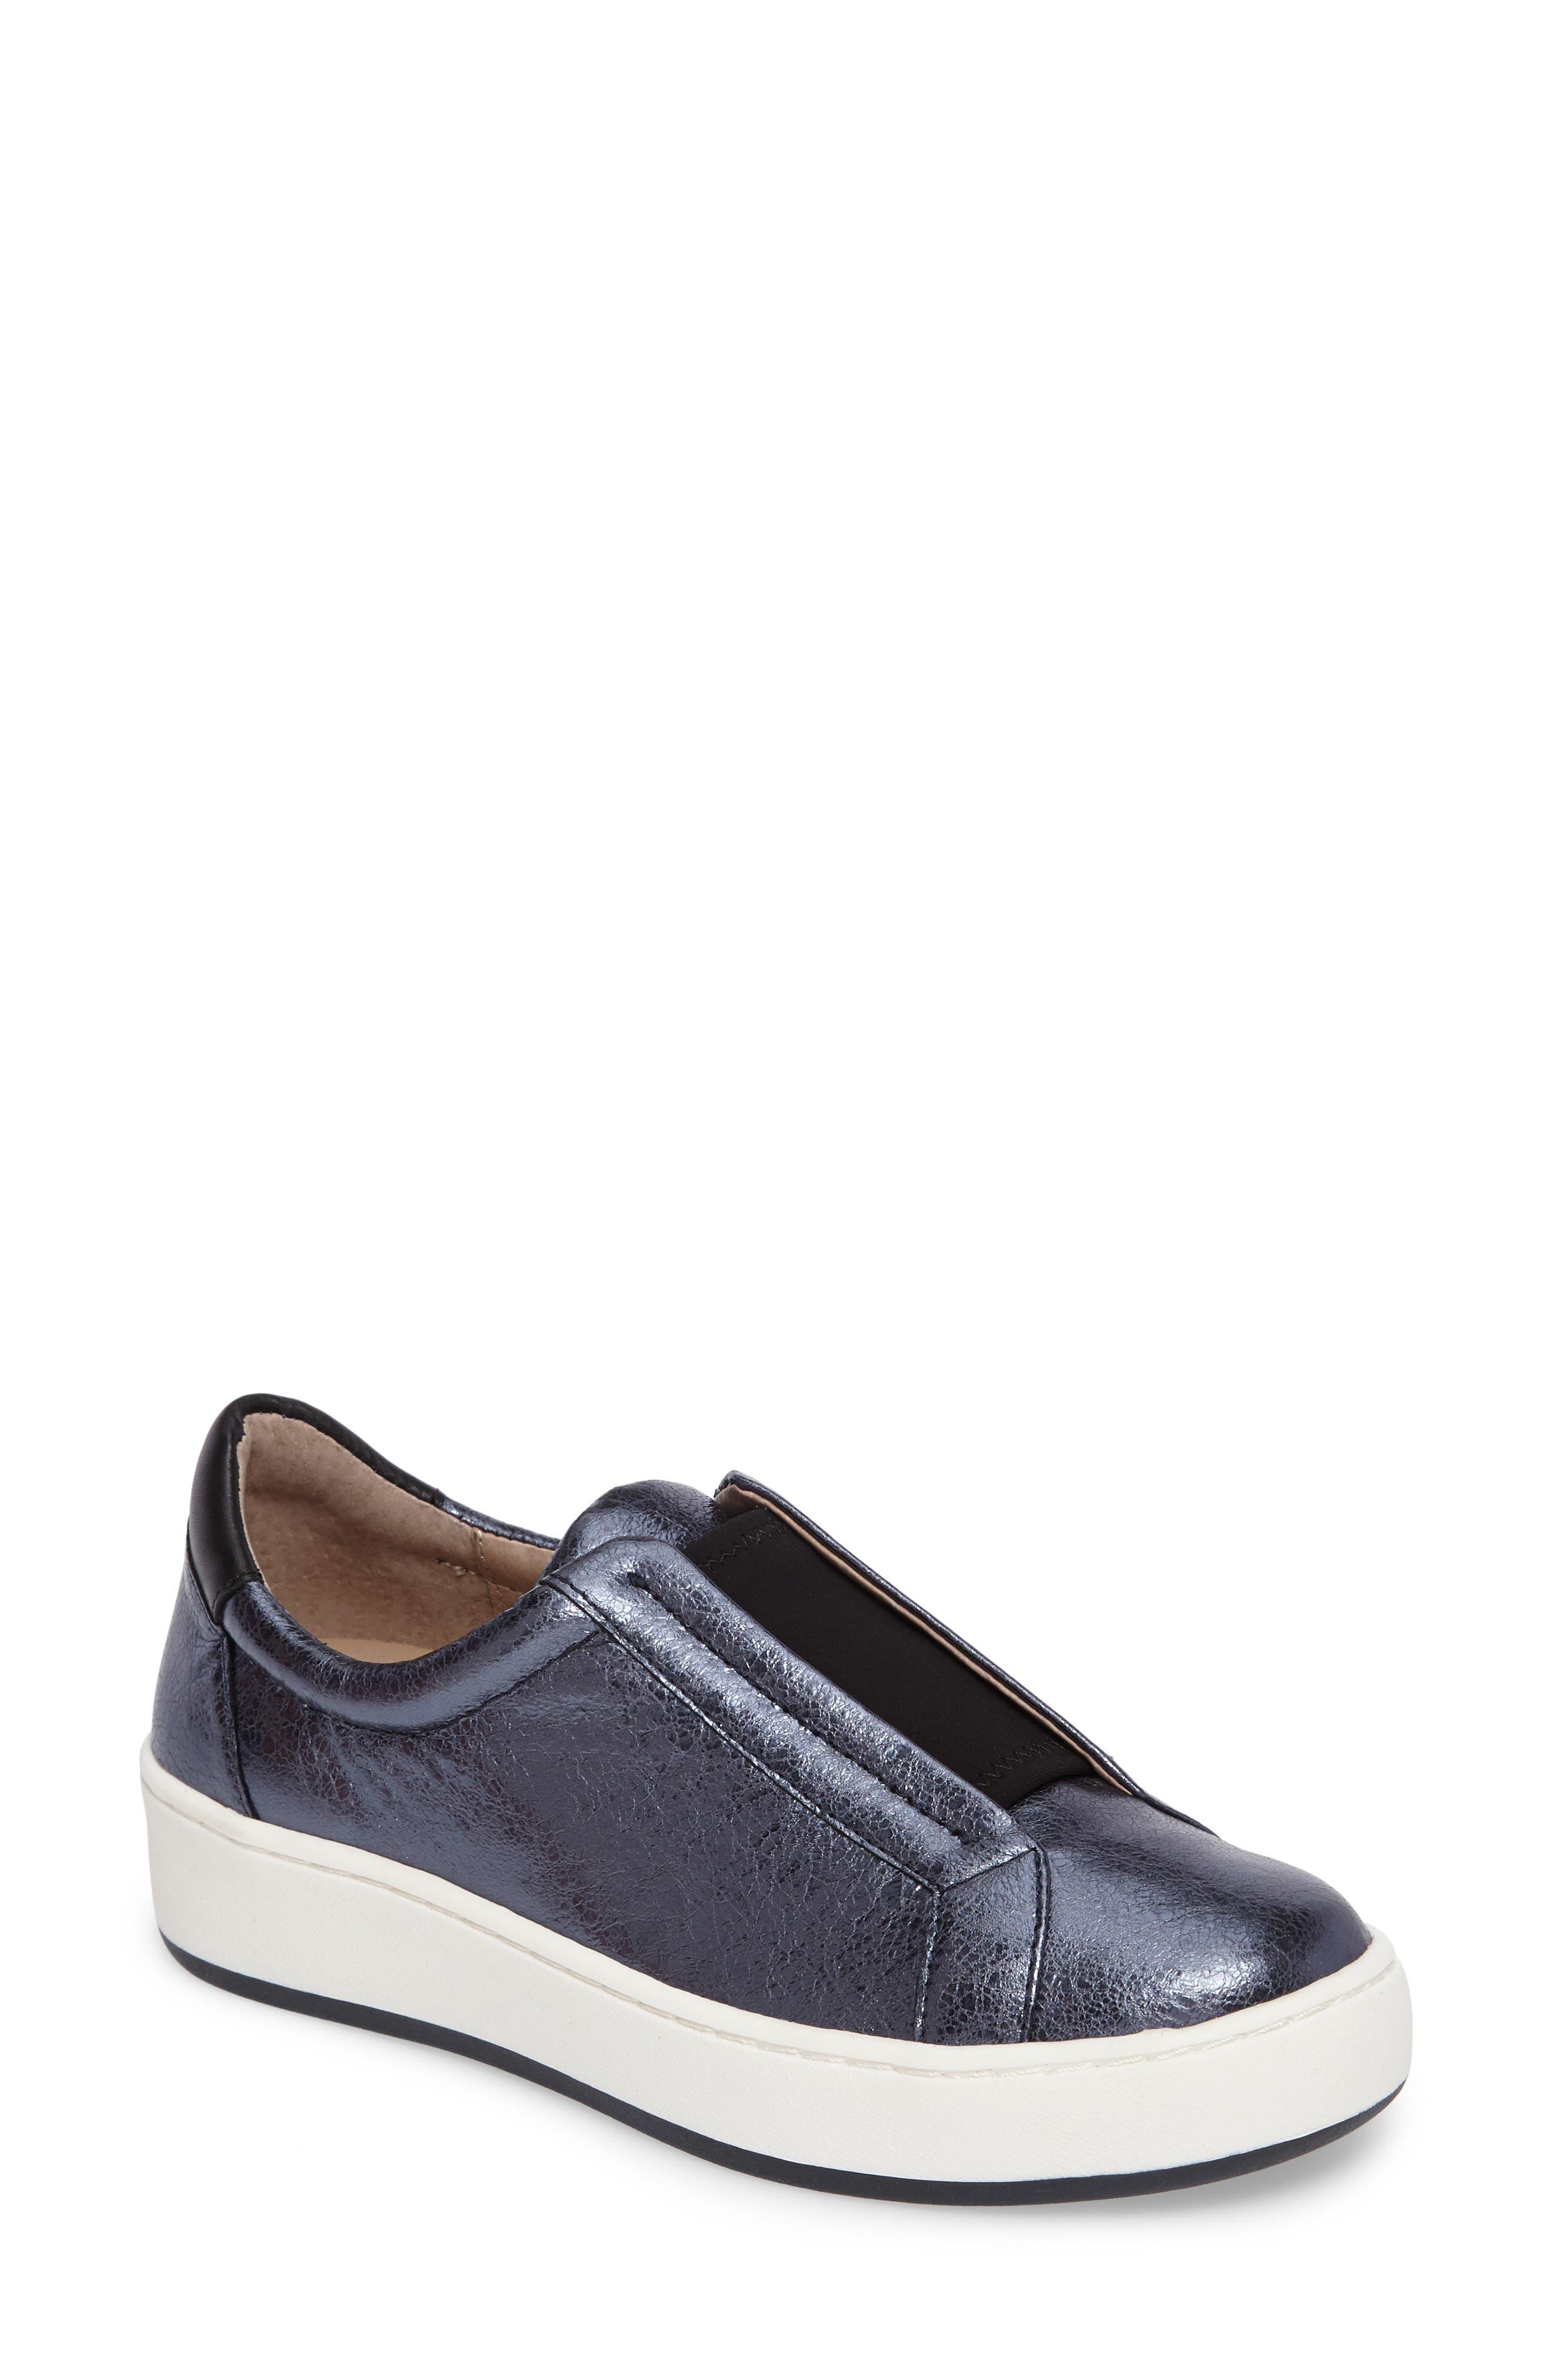 Donald J Pliner Charley Metallic Slip-On Sneaker (Women)